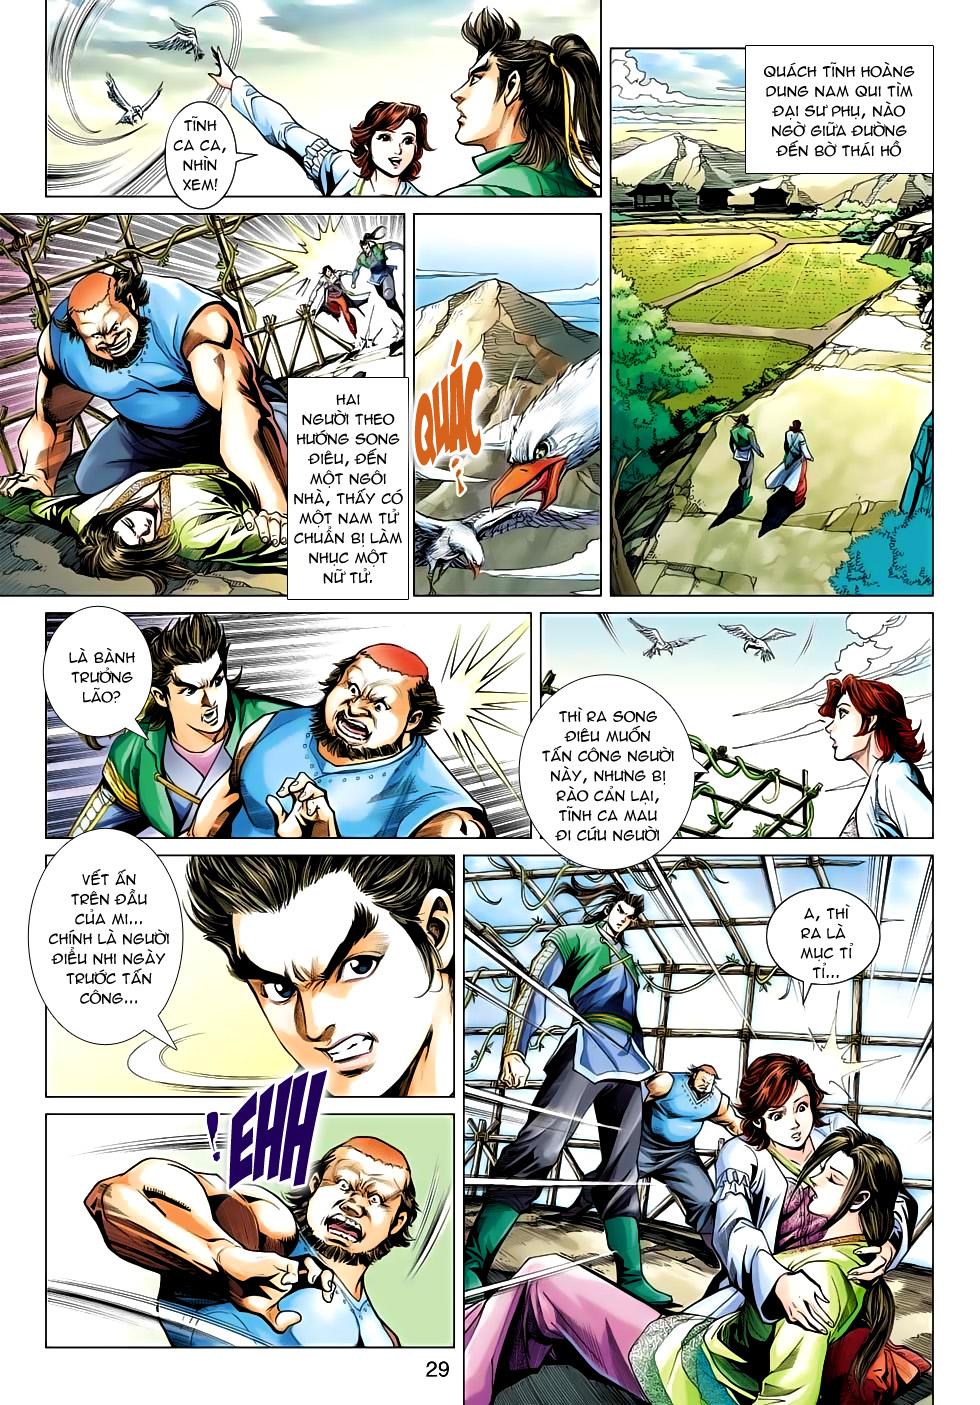 Xạ Điêu Anh Hùng Truyện chap 100 – End Trang 29 - Mangak.info